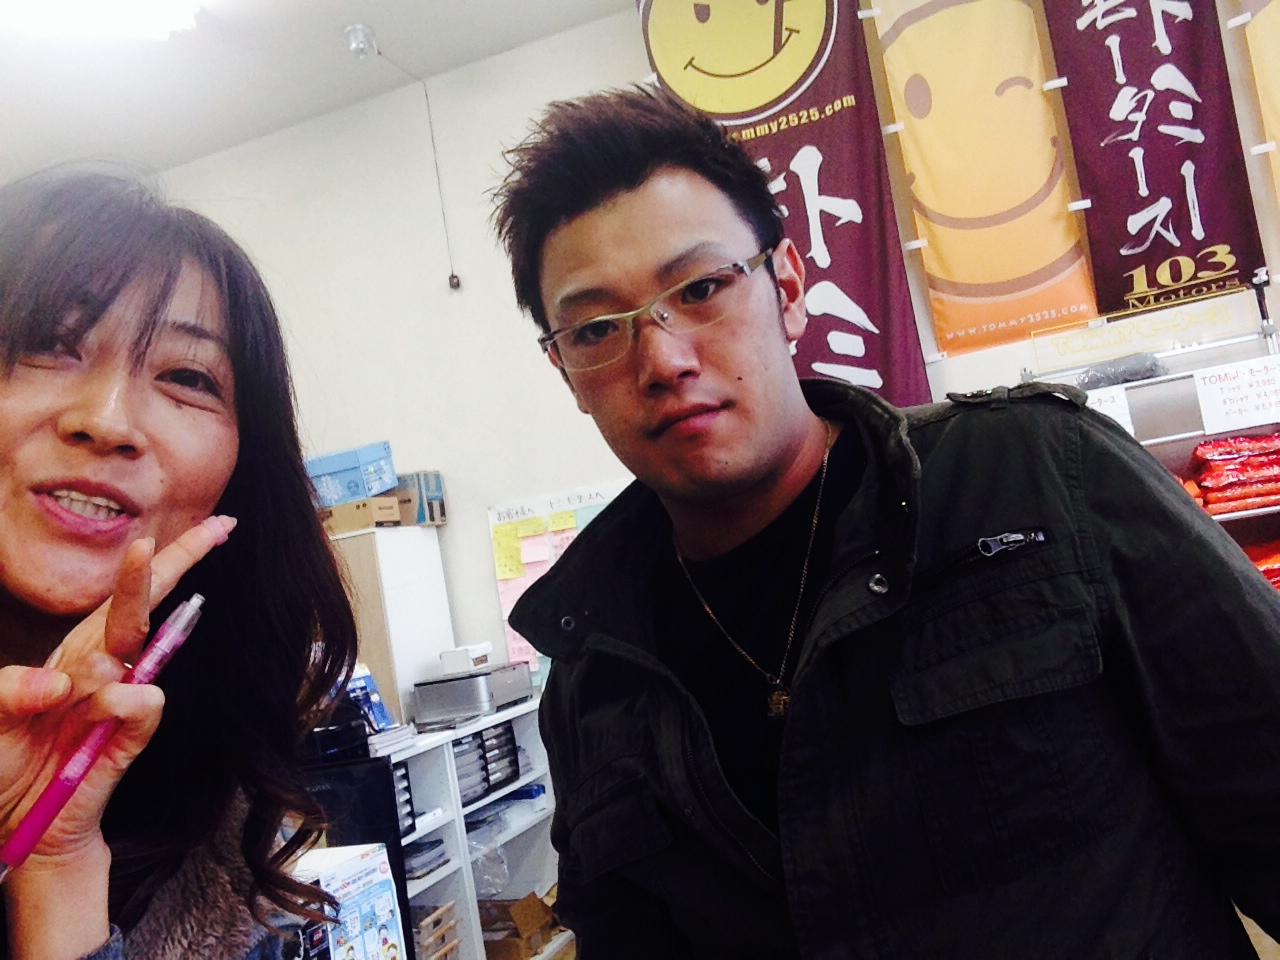 10月24日 金曜日!店長のニコニコブログ!_b0127002_22401131.jpg